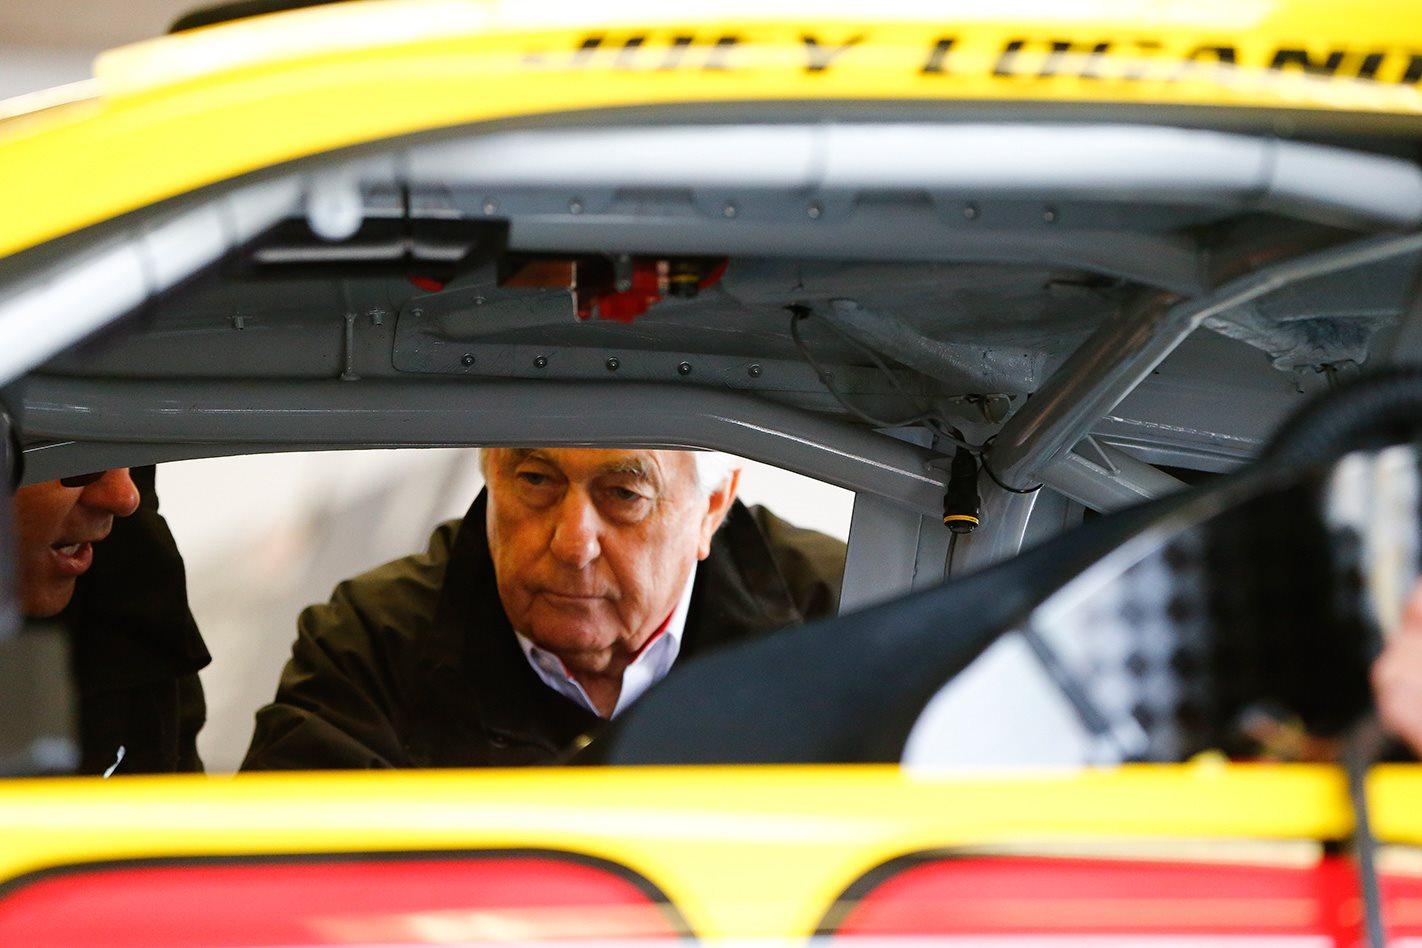 Roger Penske inspecting NASCAR vehicle